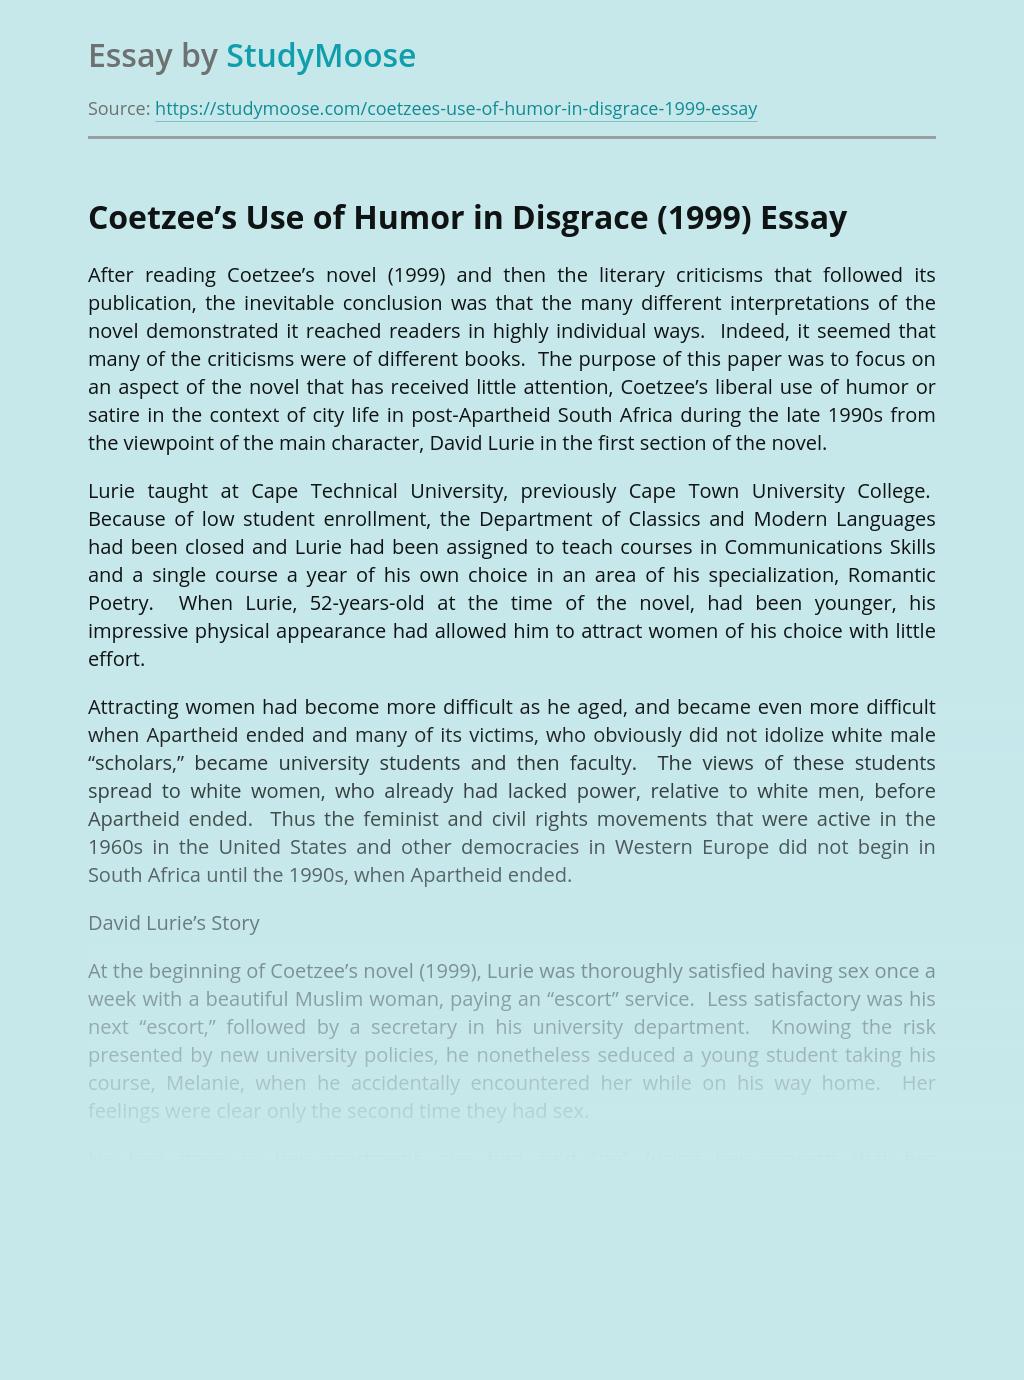 Coetzee's Use of Humor in Disgrace (1999)